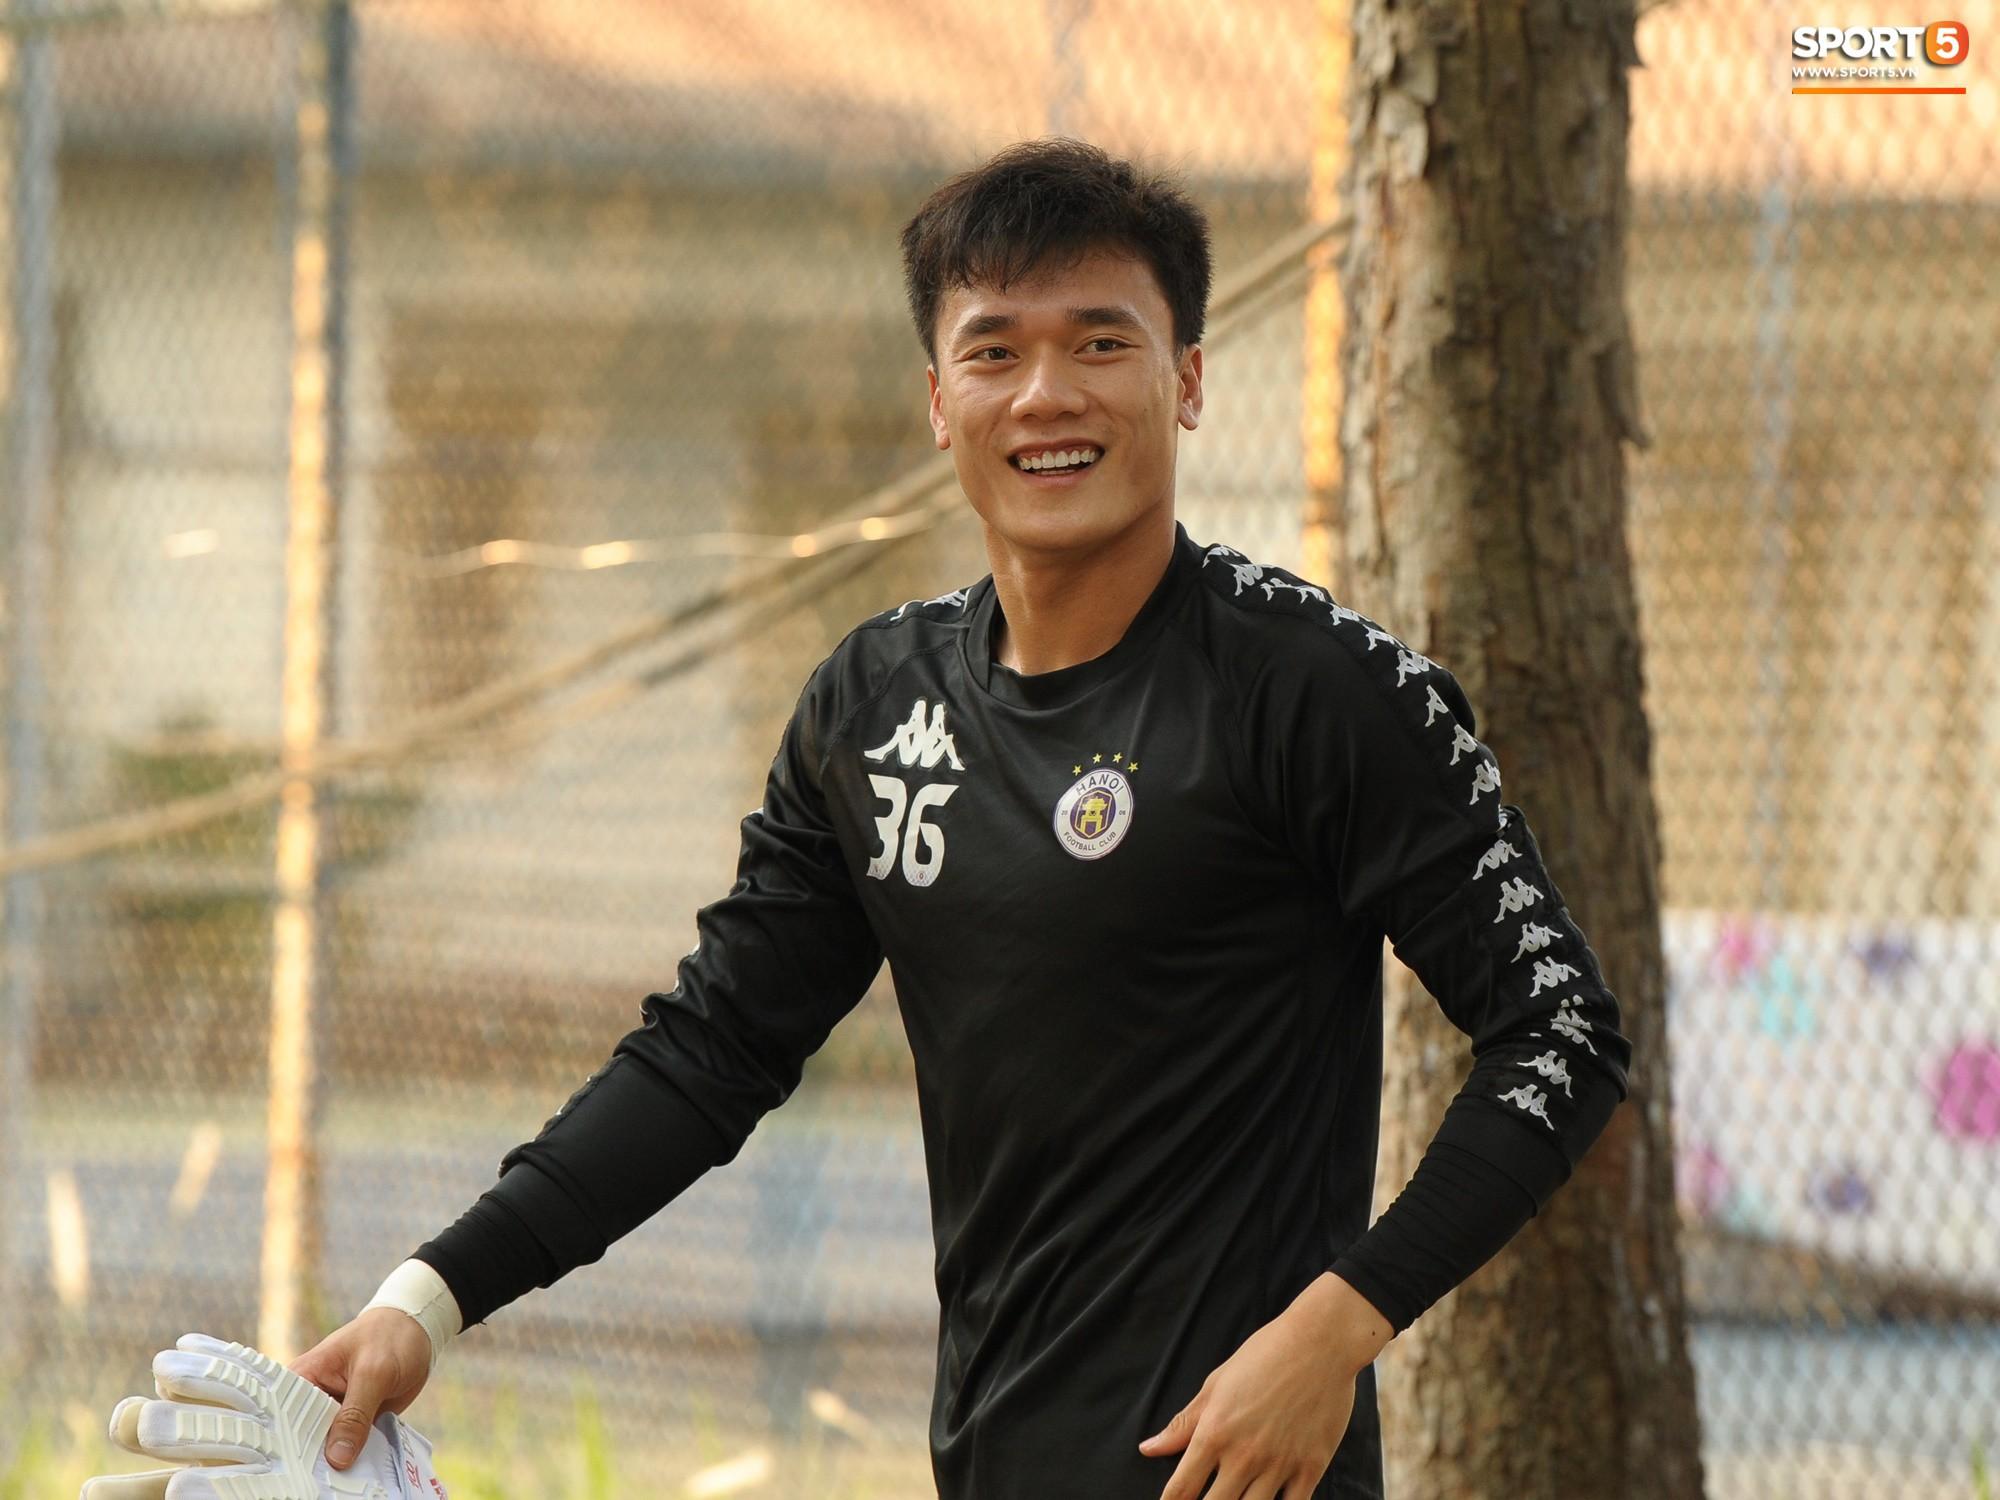 Hành động thể hiện sự tỉ mỉ, chu đáo của Bùi Tiến Dũng đối với các đồng đội Hà Nội FC - Ảnh 1.